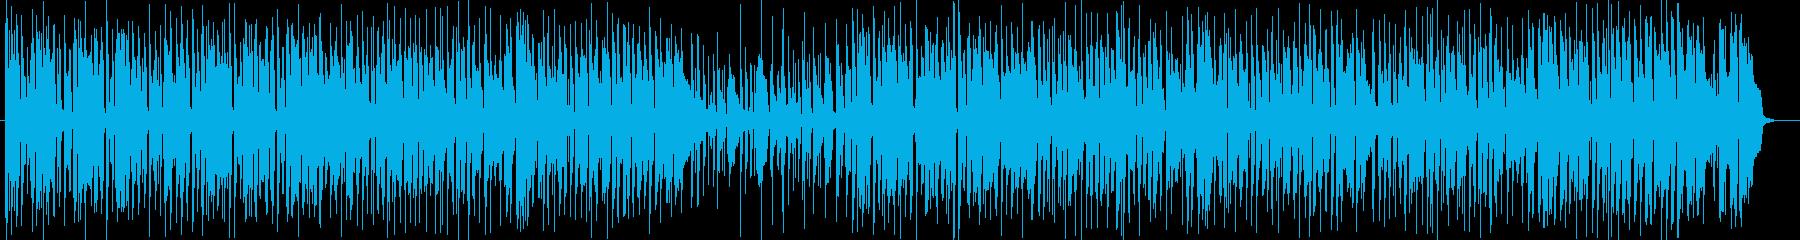 おしゃれで楽しげな管楽器シンセサウンドの再生済みの波形